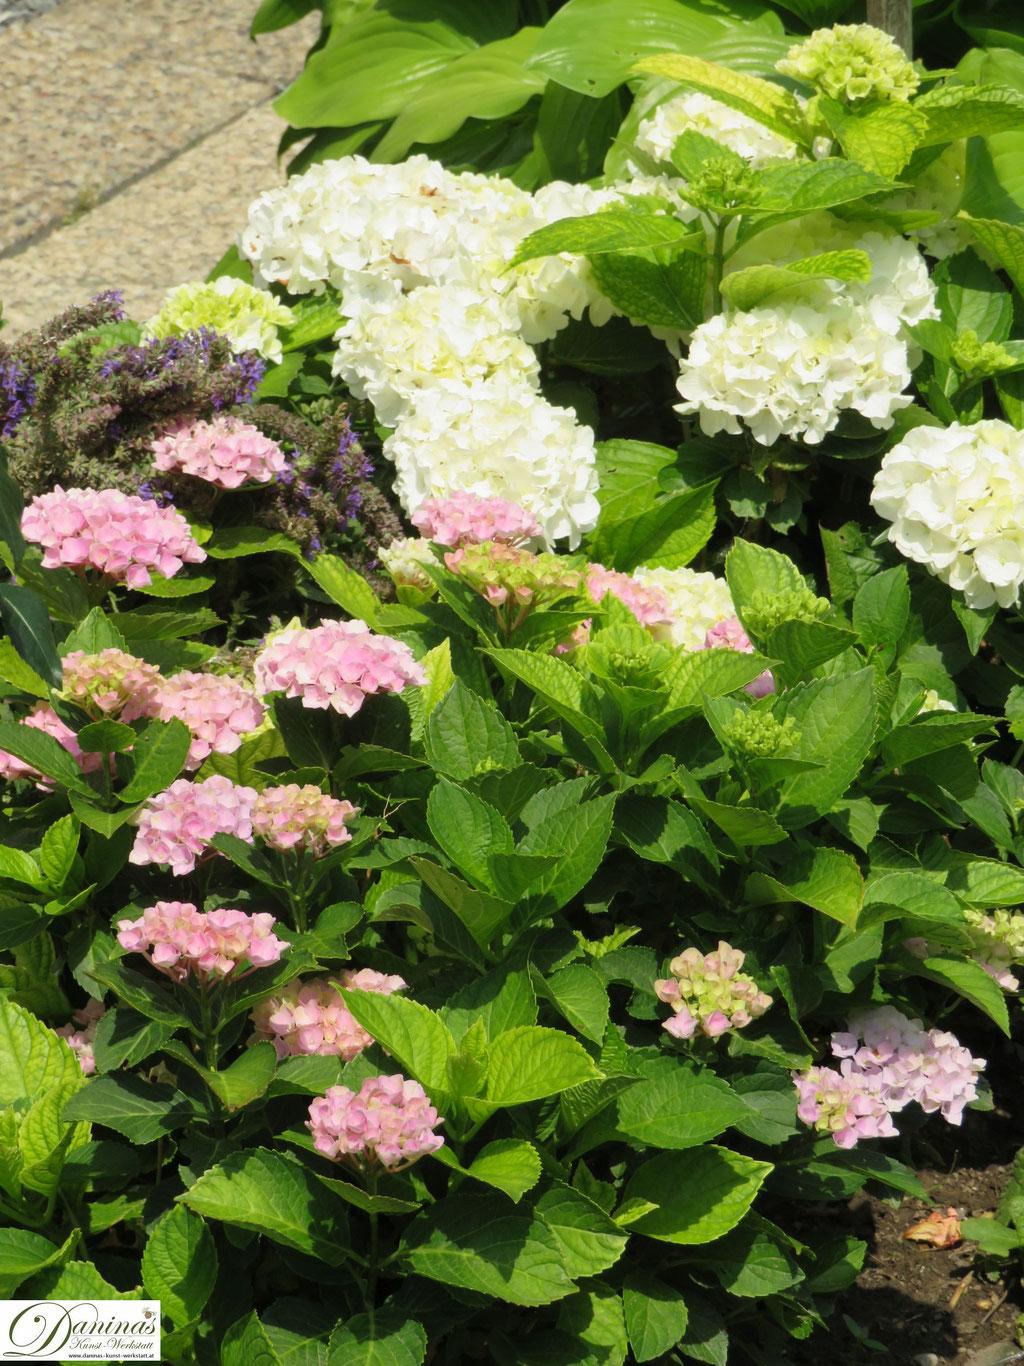 Rosa und weiße Hortensien